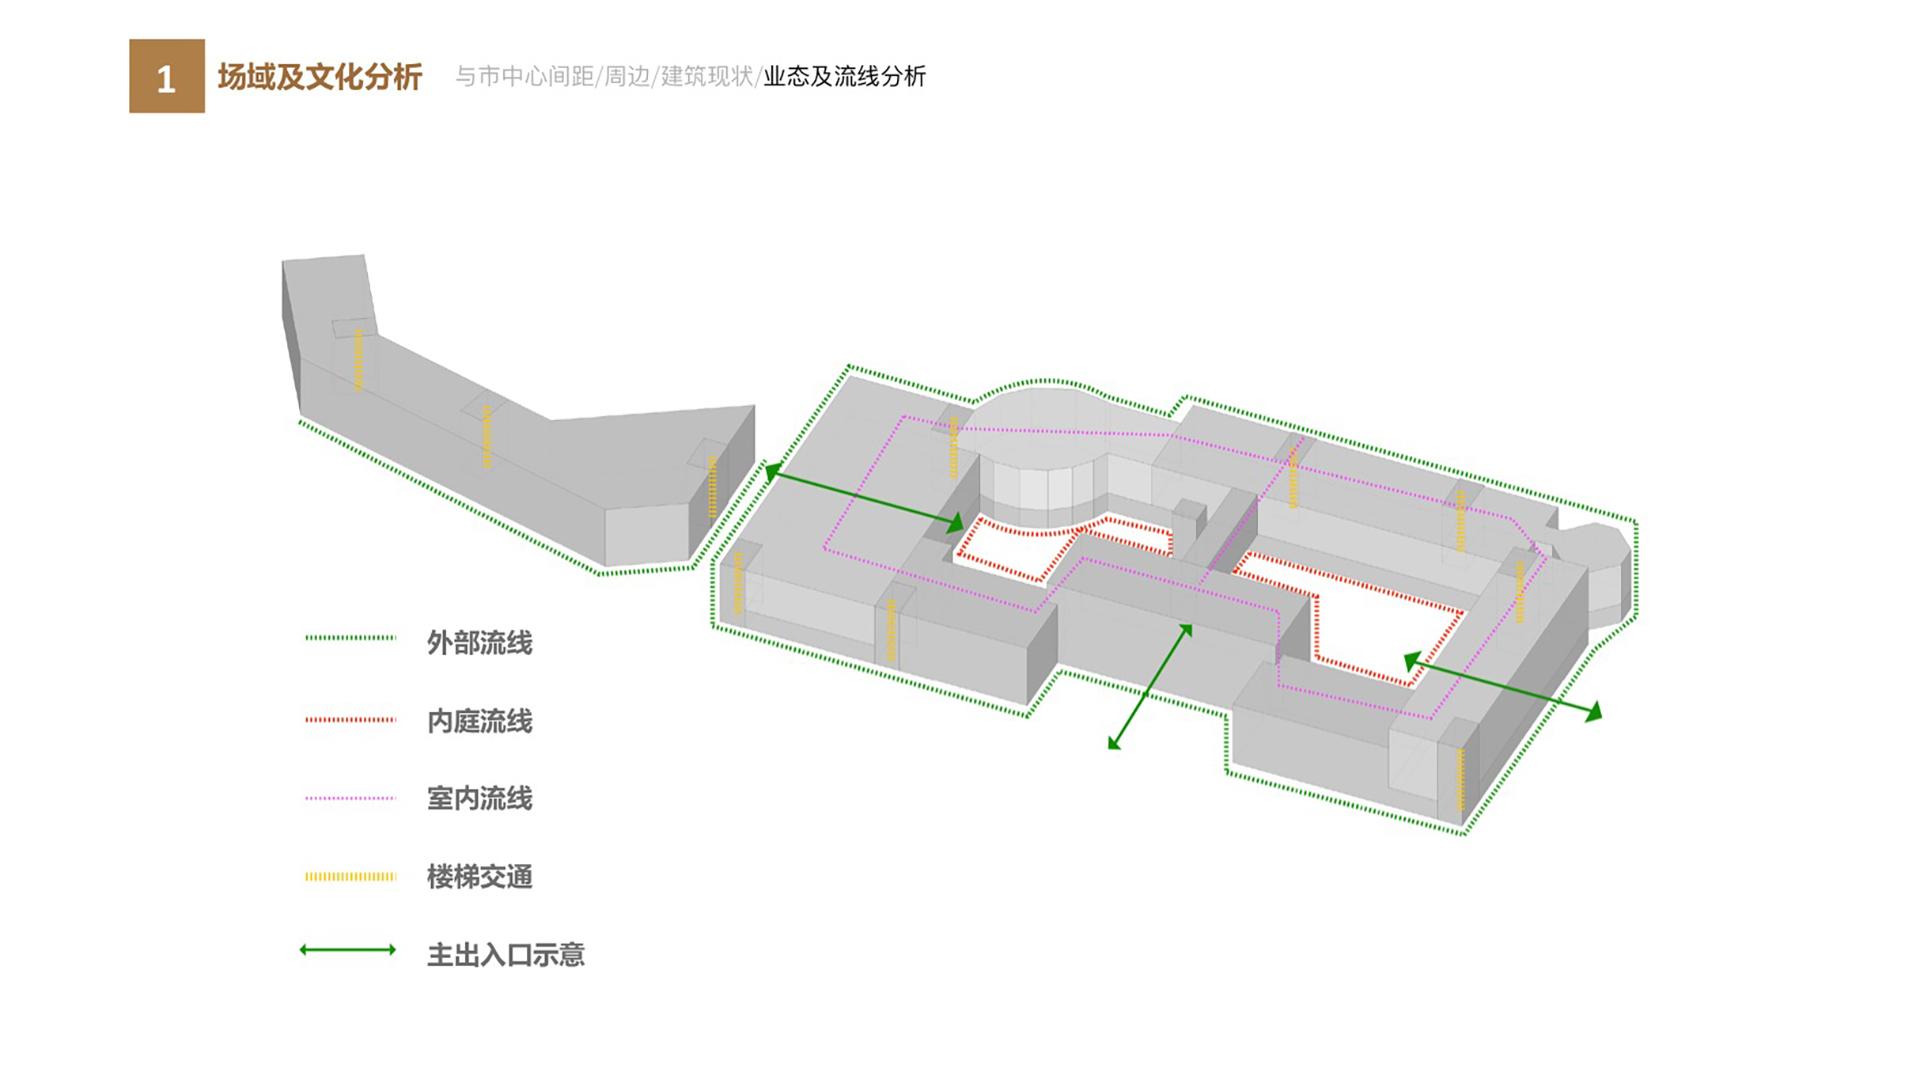 碧桂园商业楼场域及文化分析—业态及流线分析